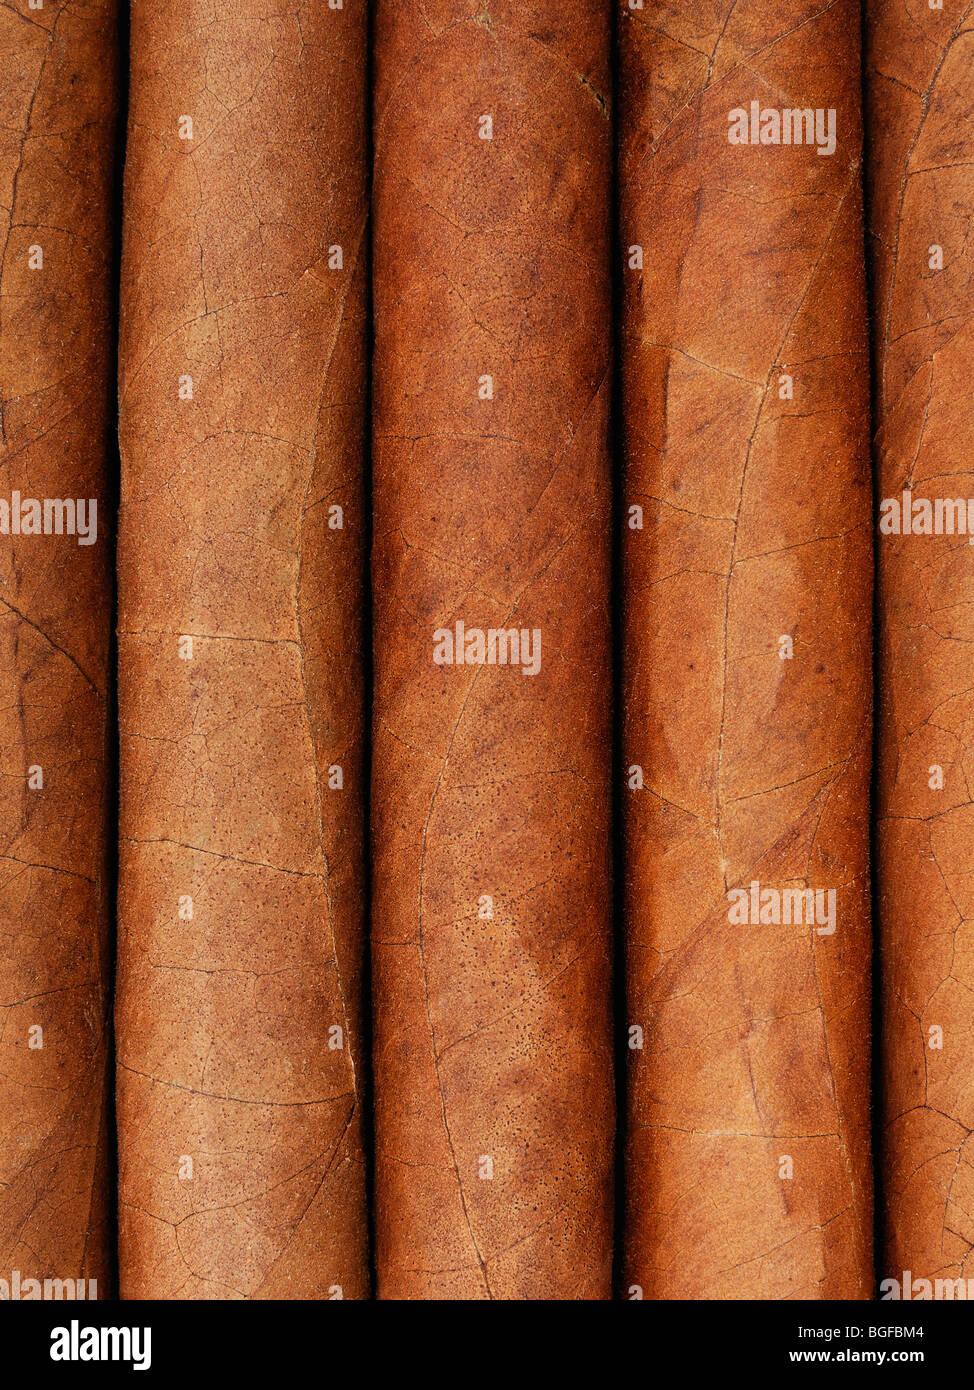 Zigarren, hautnah. Stockbild